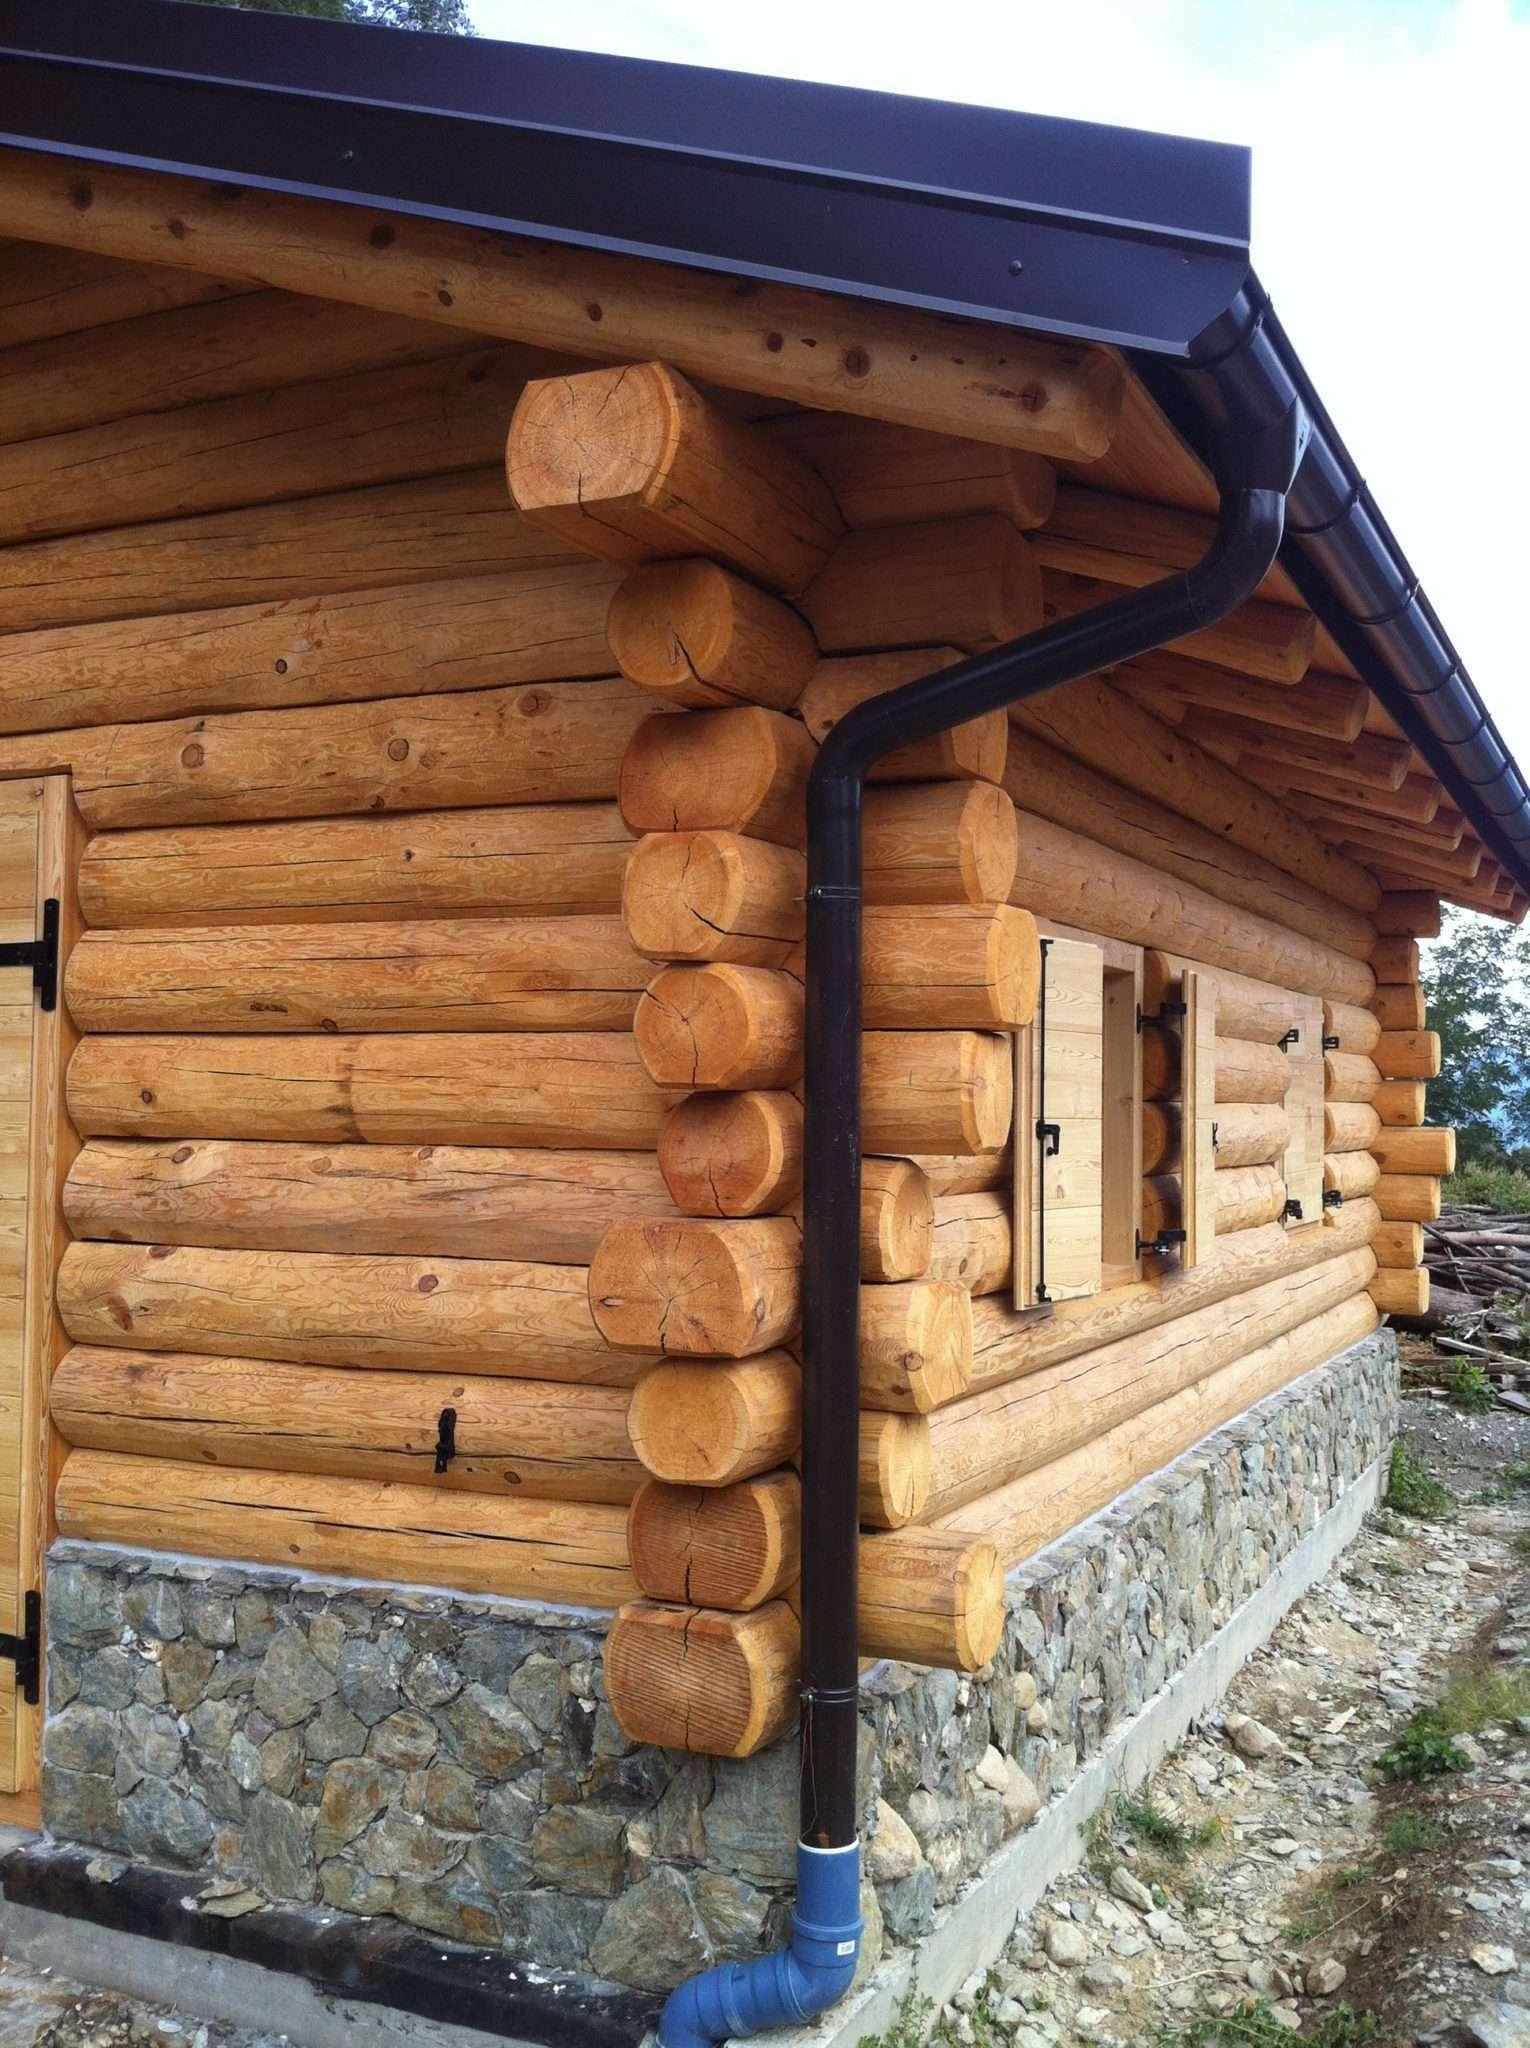 Casa in tronchi incastrati case in legno e falegnameria for Case legno romania prezzi